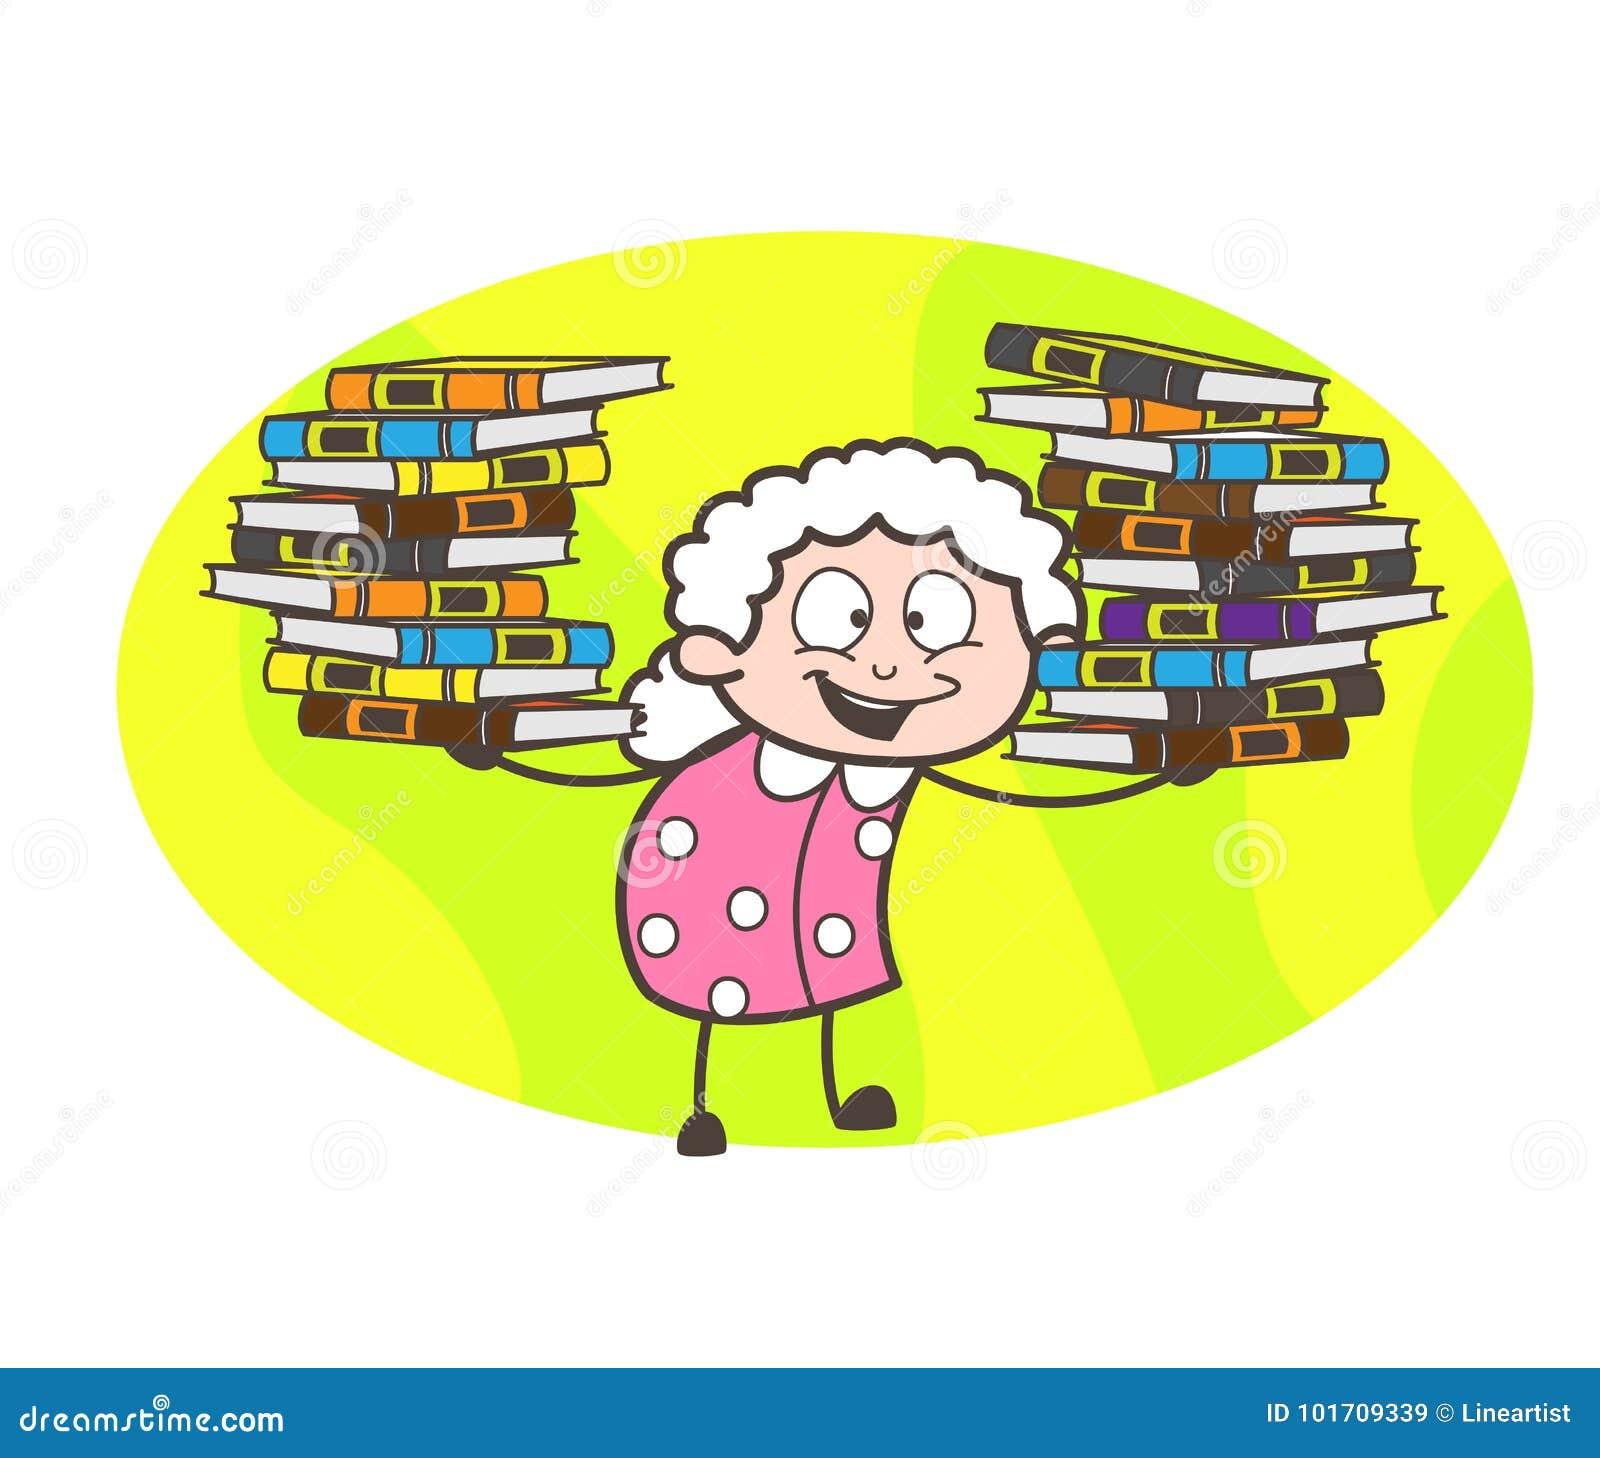 Grand-maman de bande dessinée présent le troupeau de l illustration de vecteur de livres